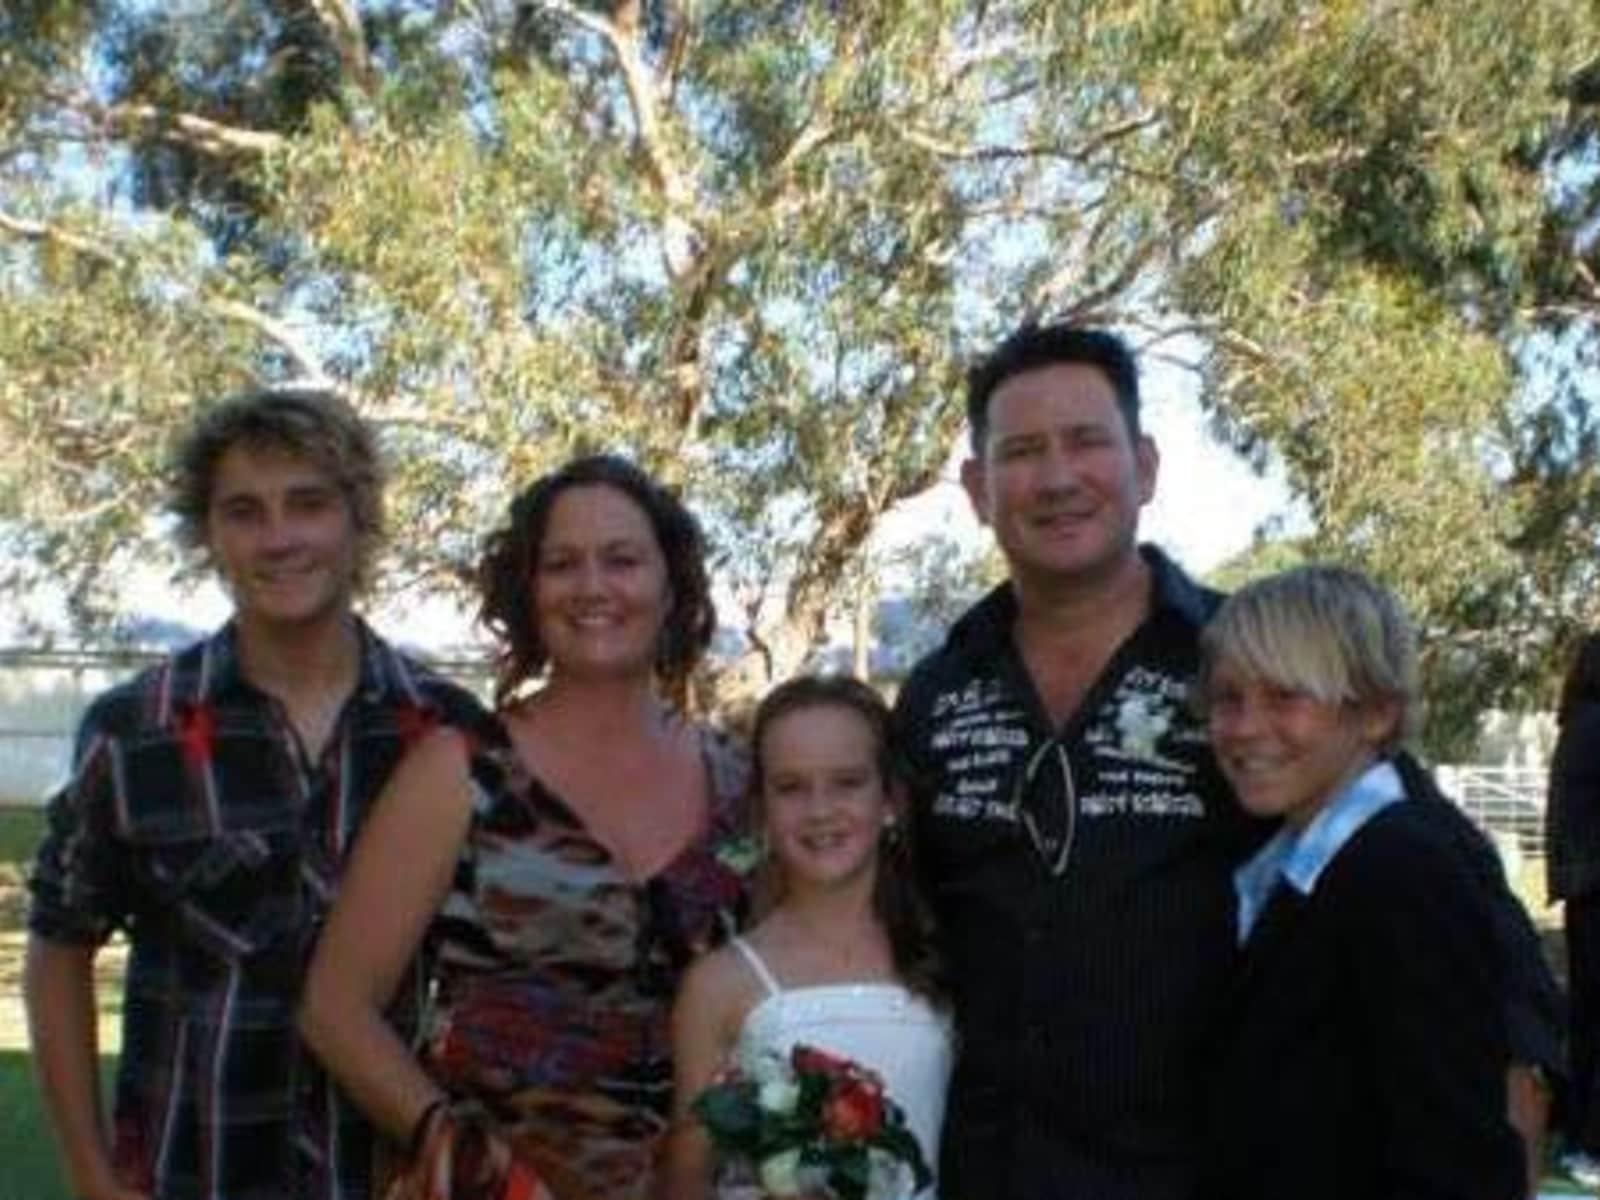 Vanessa from Perth, Western Australia, Australia